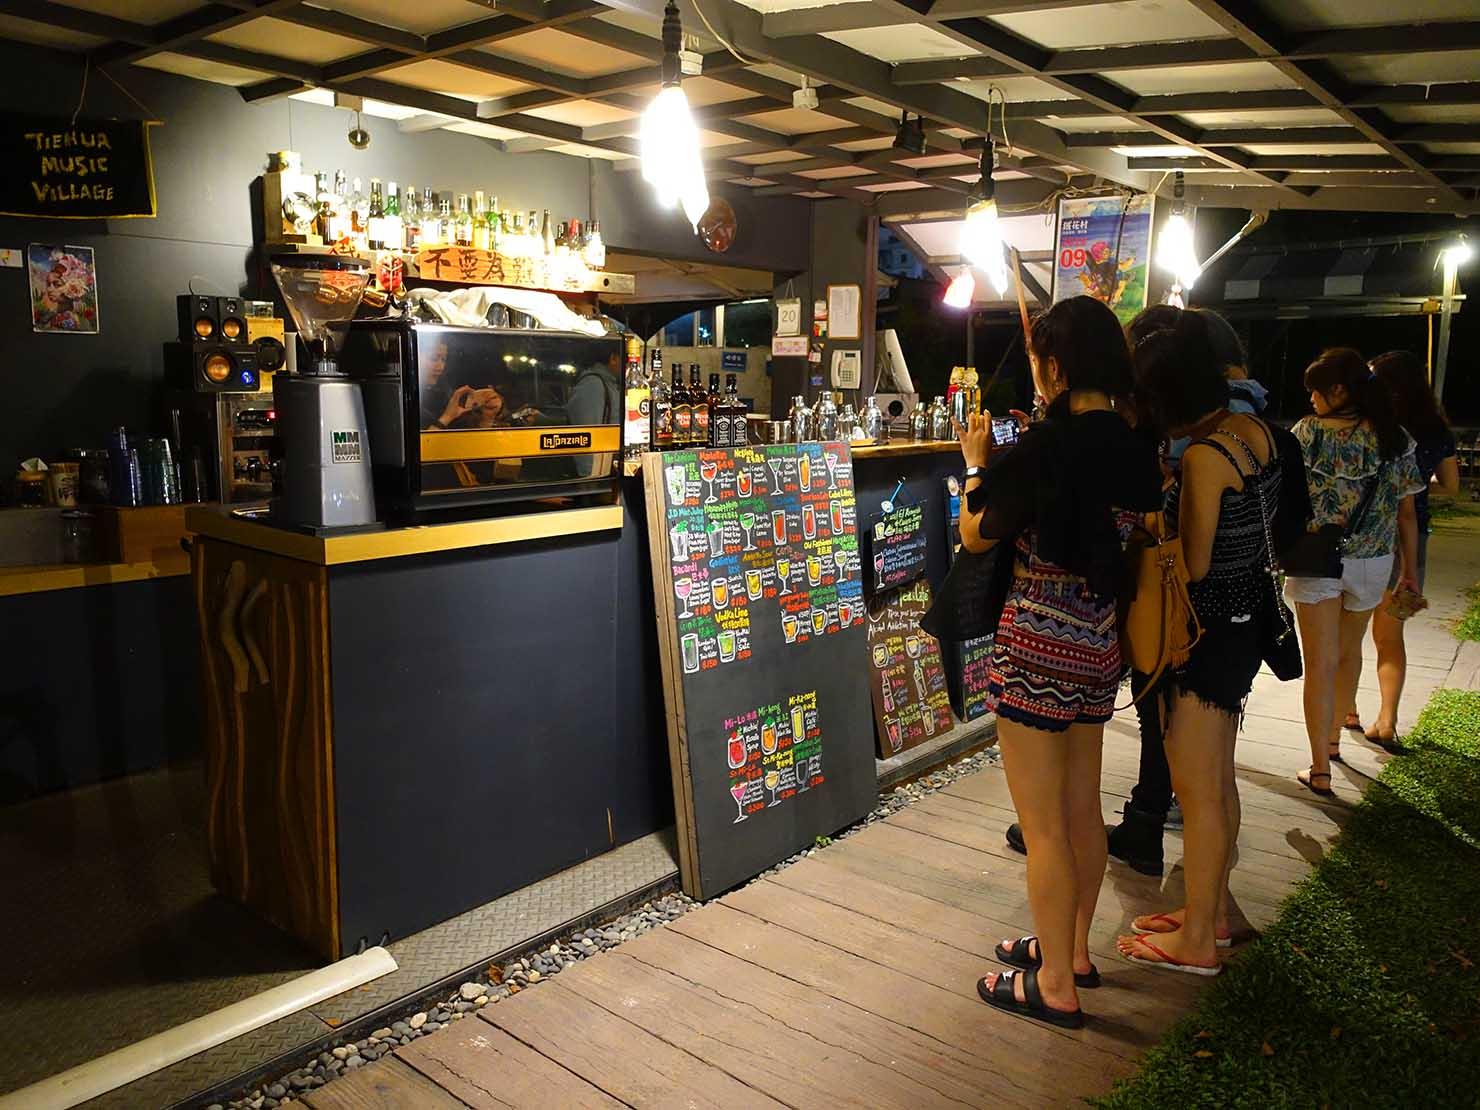 台東の観光スポット「鐵花村」のバー